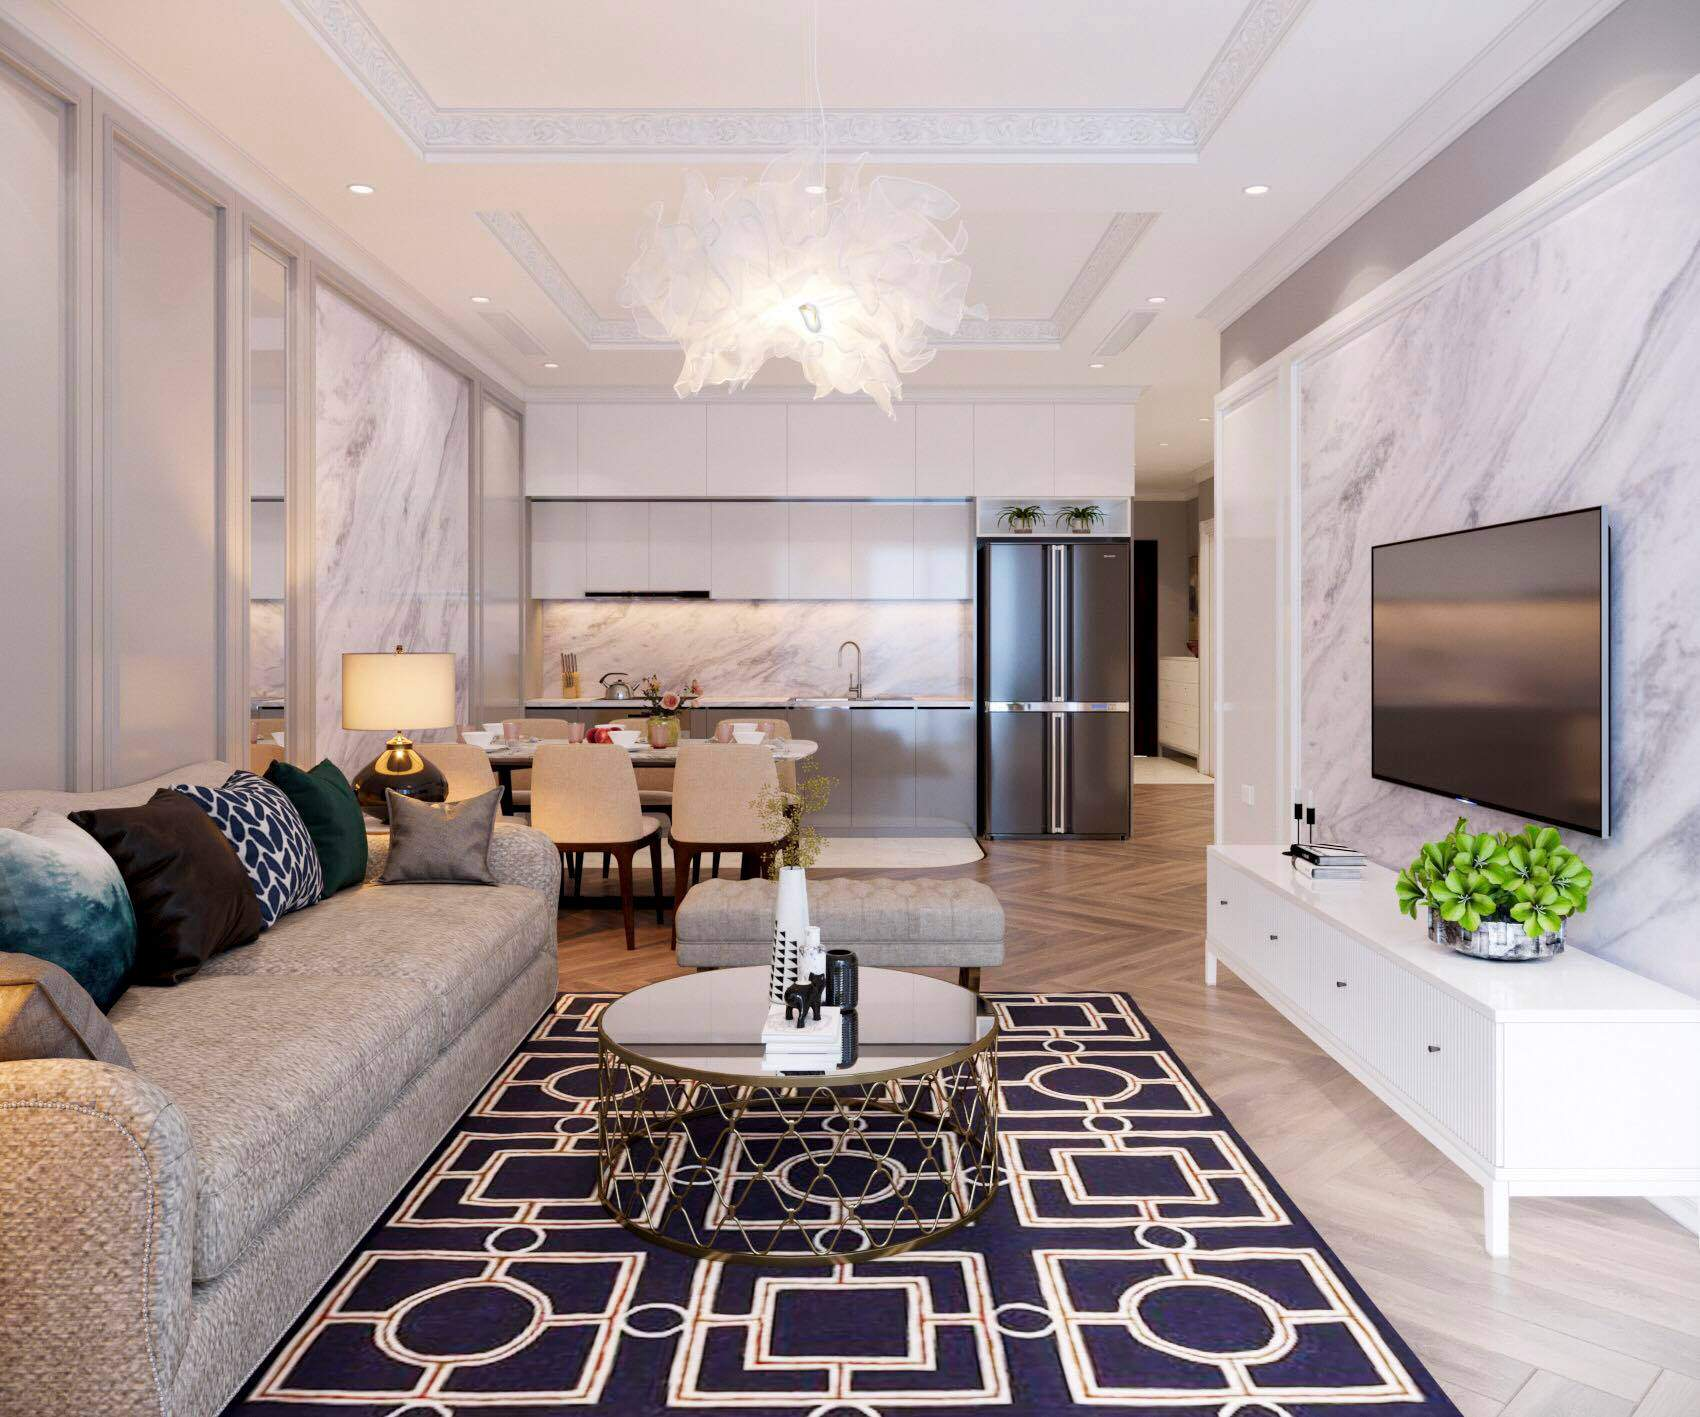 Trang trí nội thất đẹp và sang chảnh cho phòng khách